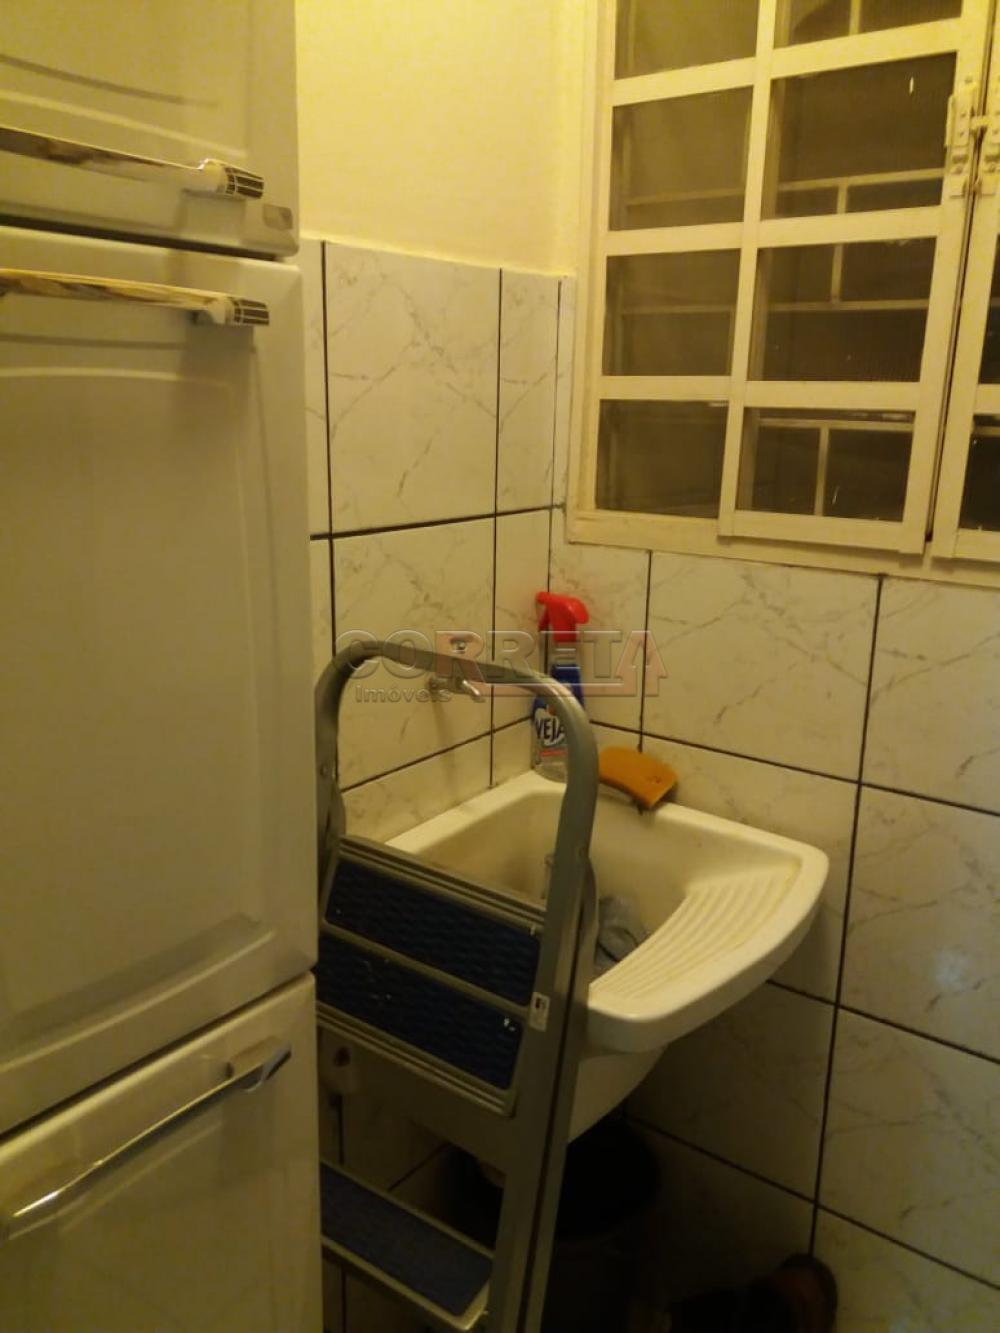 Comprar Apartamento / Padrão em Araçatuba R$ 110.000,00 - Foto 9